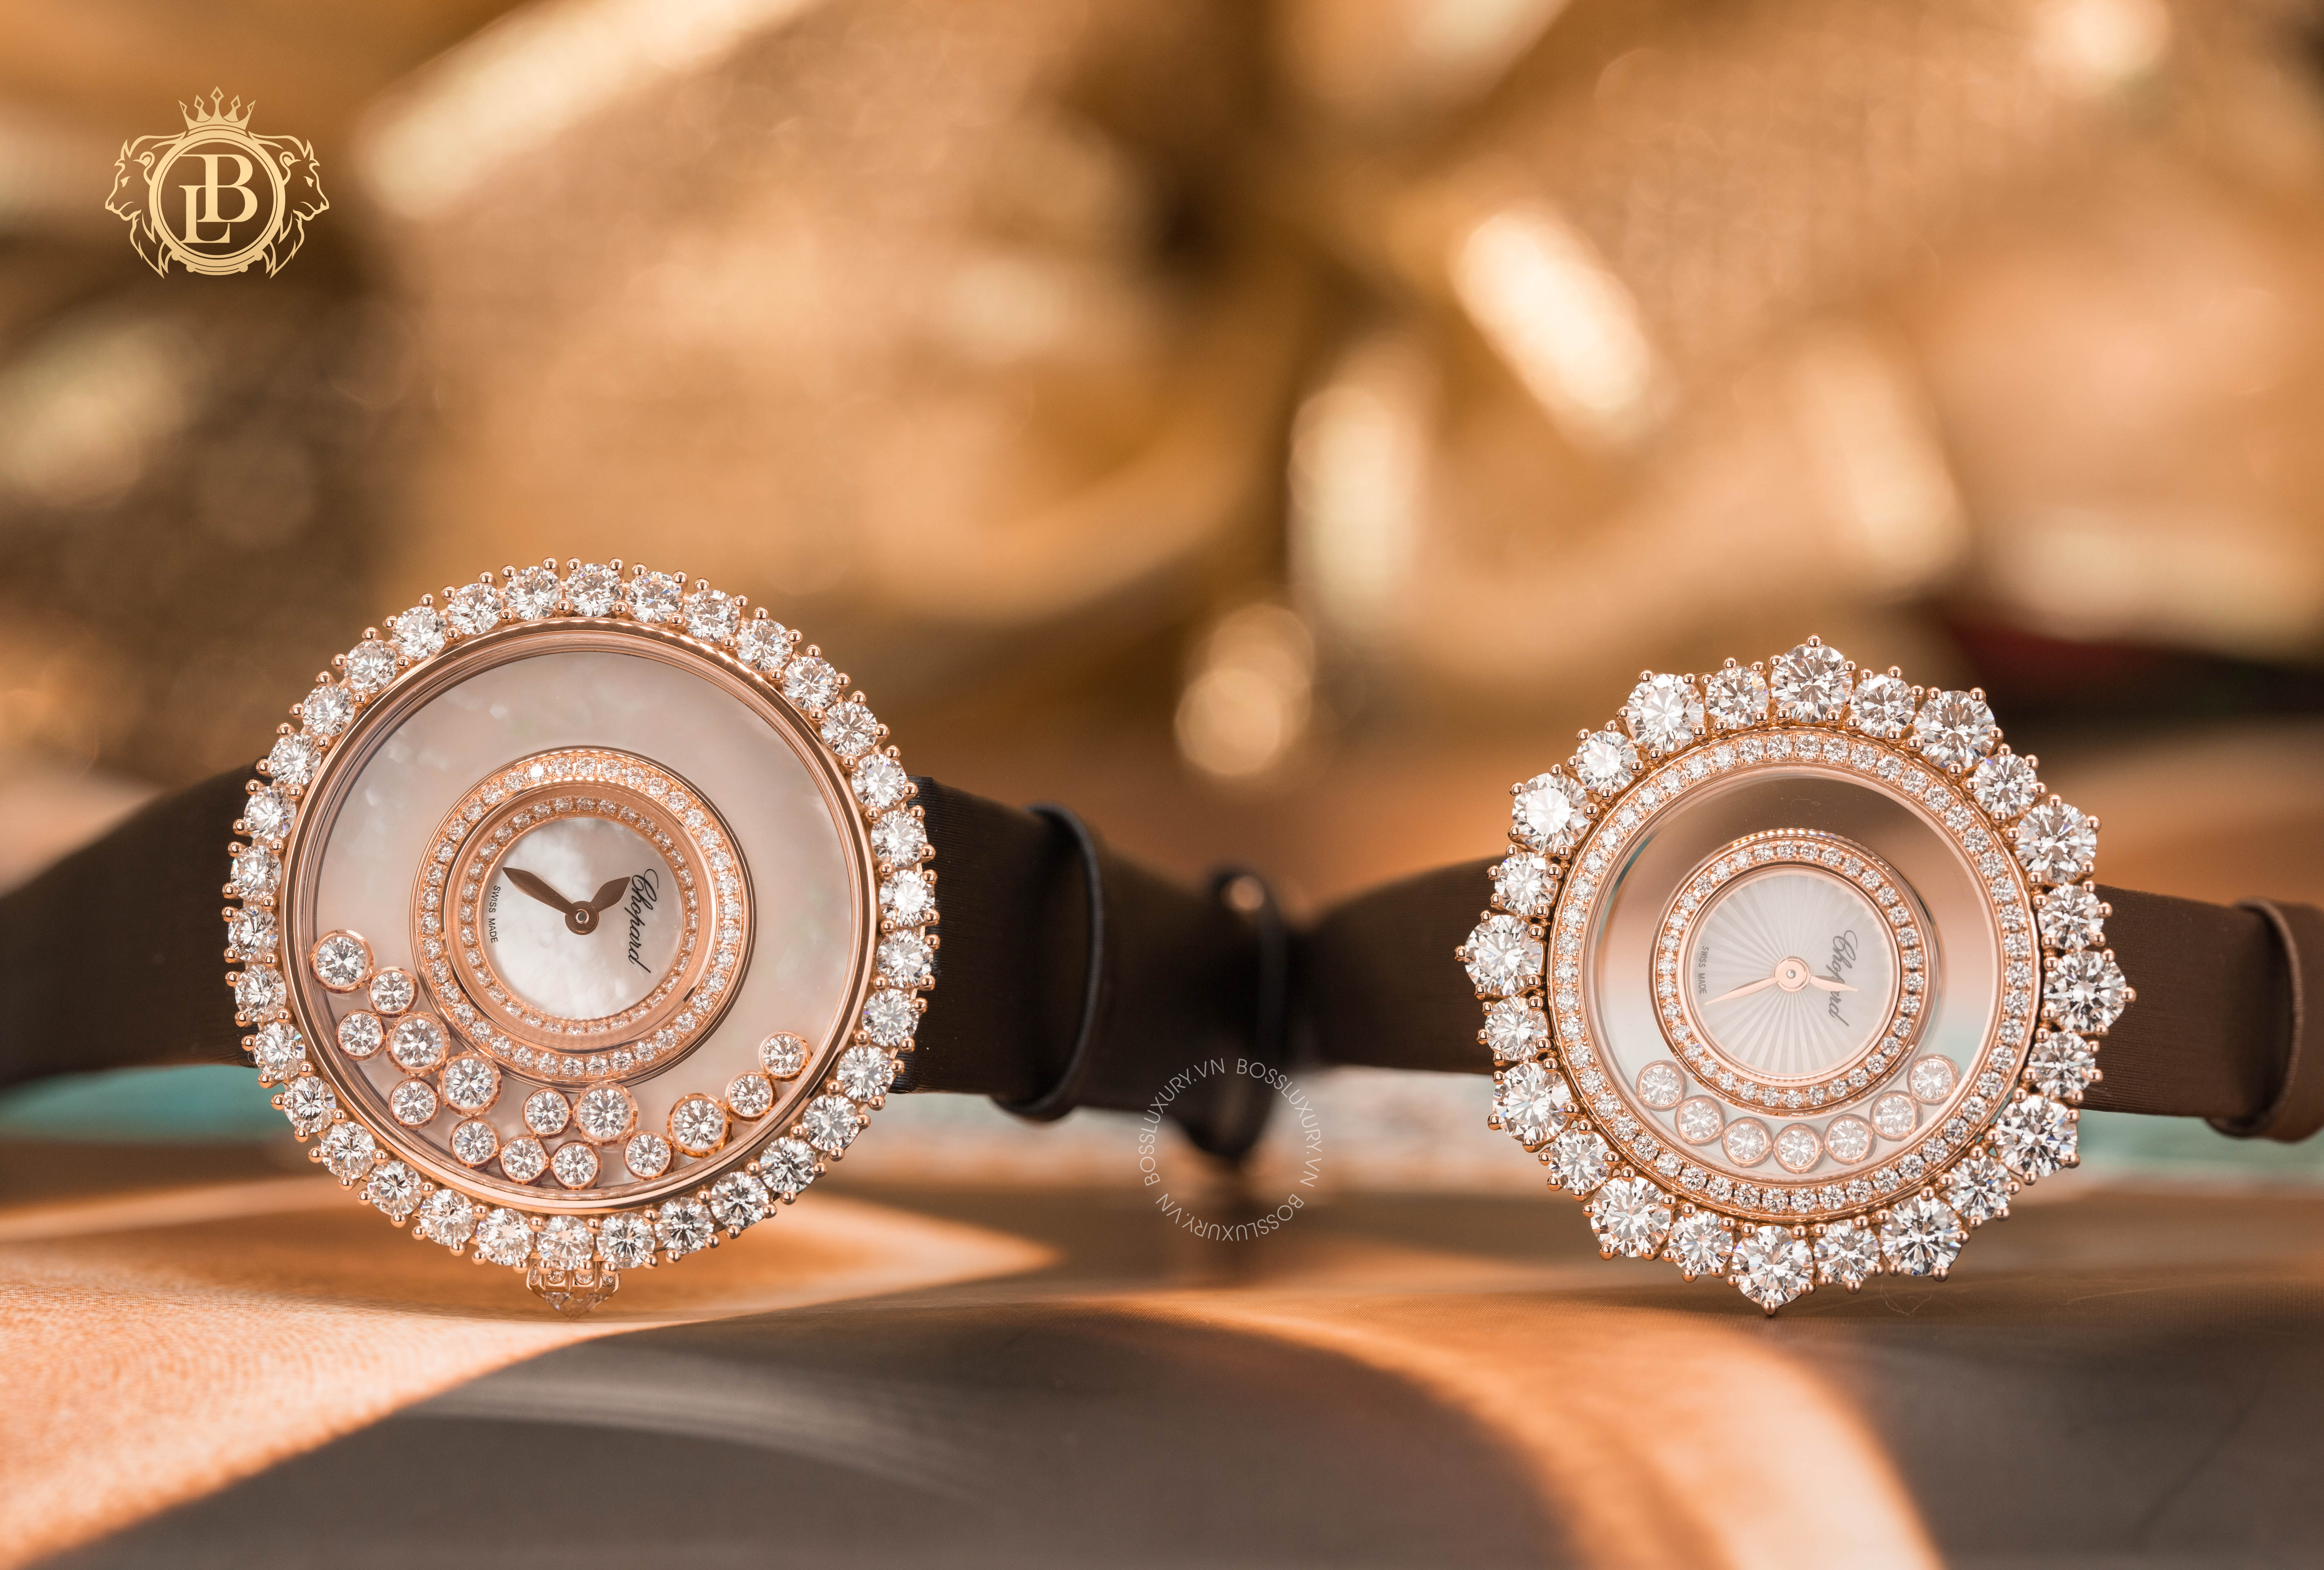 Giá bán đồng hồ Chopard chính hãng là bao nhiêu tiền?